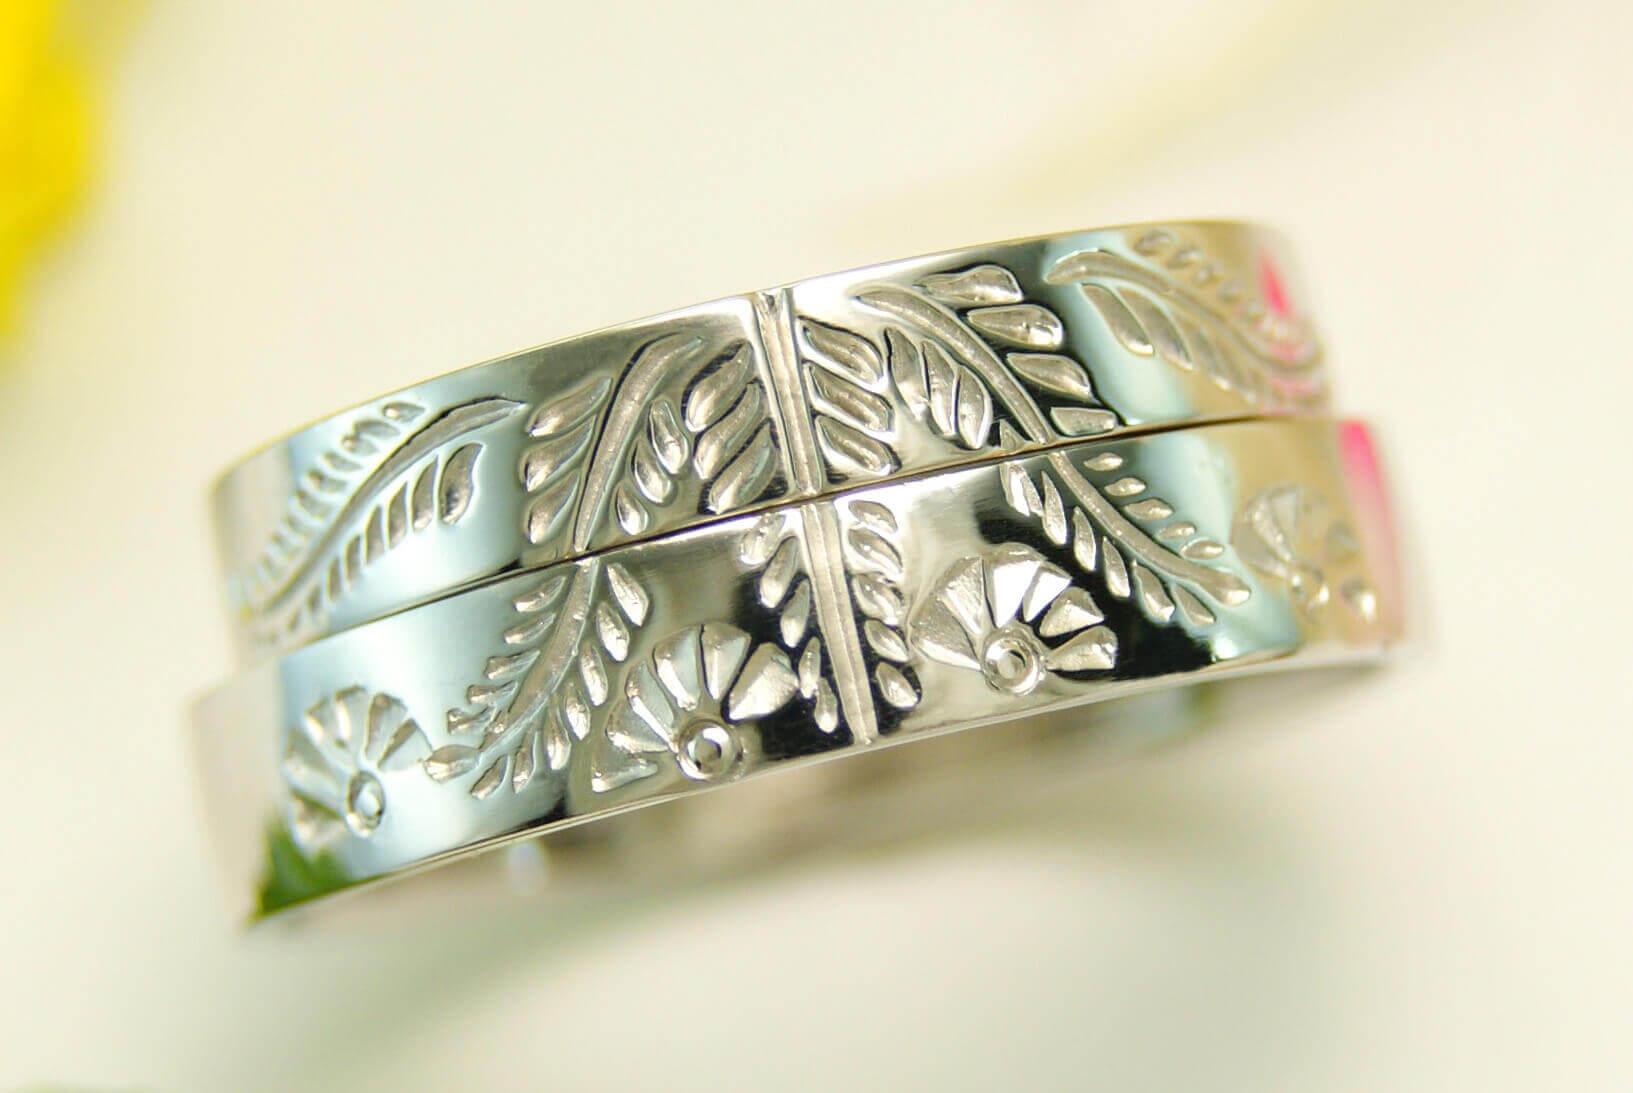 デザイン | 和風 | かざりやゆい | 世界に一つだけの結婚指輪「kazariya Yui」 | 福島県郡山市